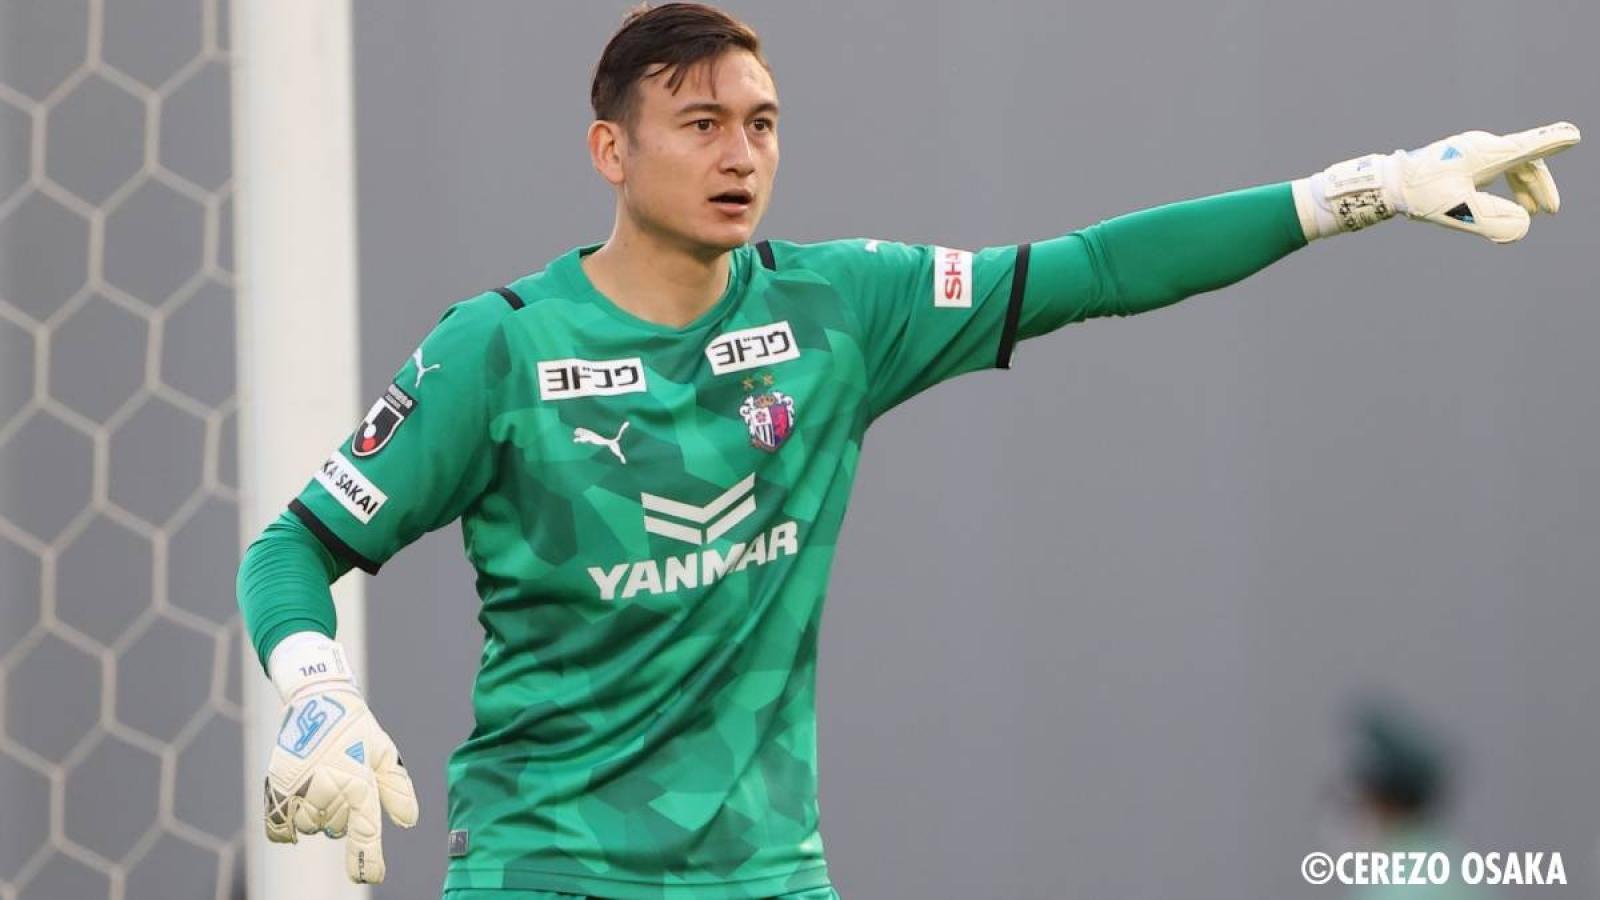 Văn Lâm bắt chính ở AFC Champions League, Cerezo Osaka đè bẹp Guangzhou FC